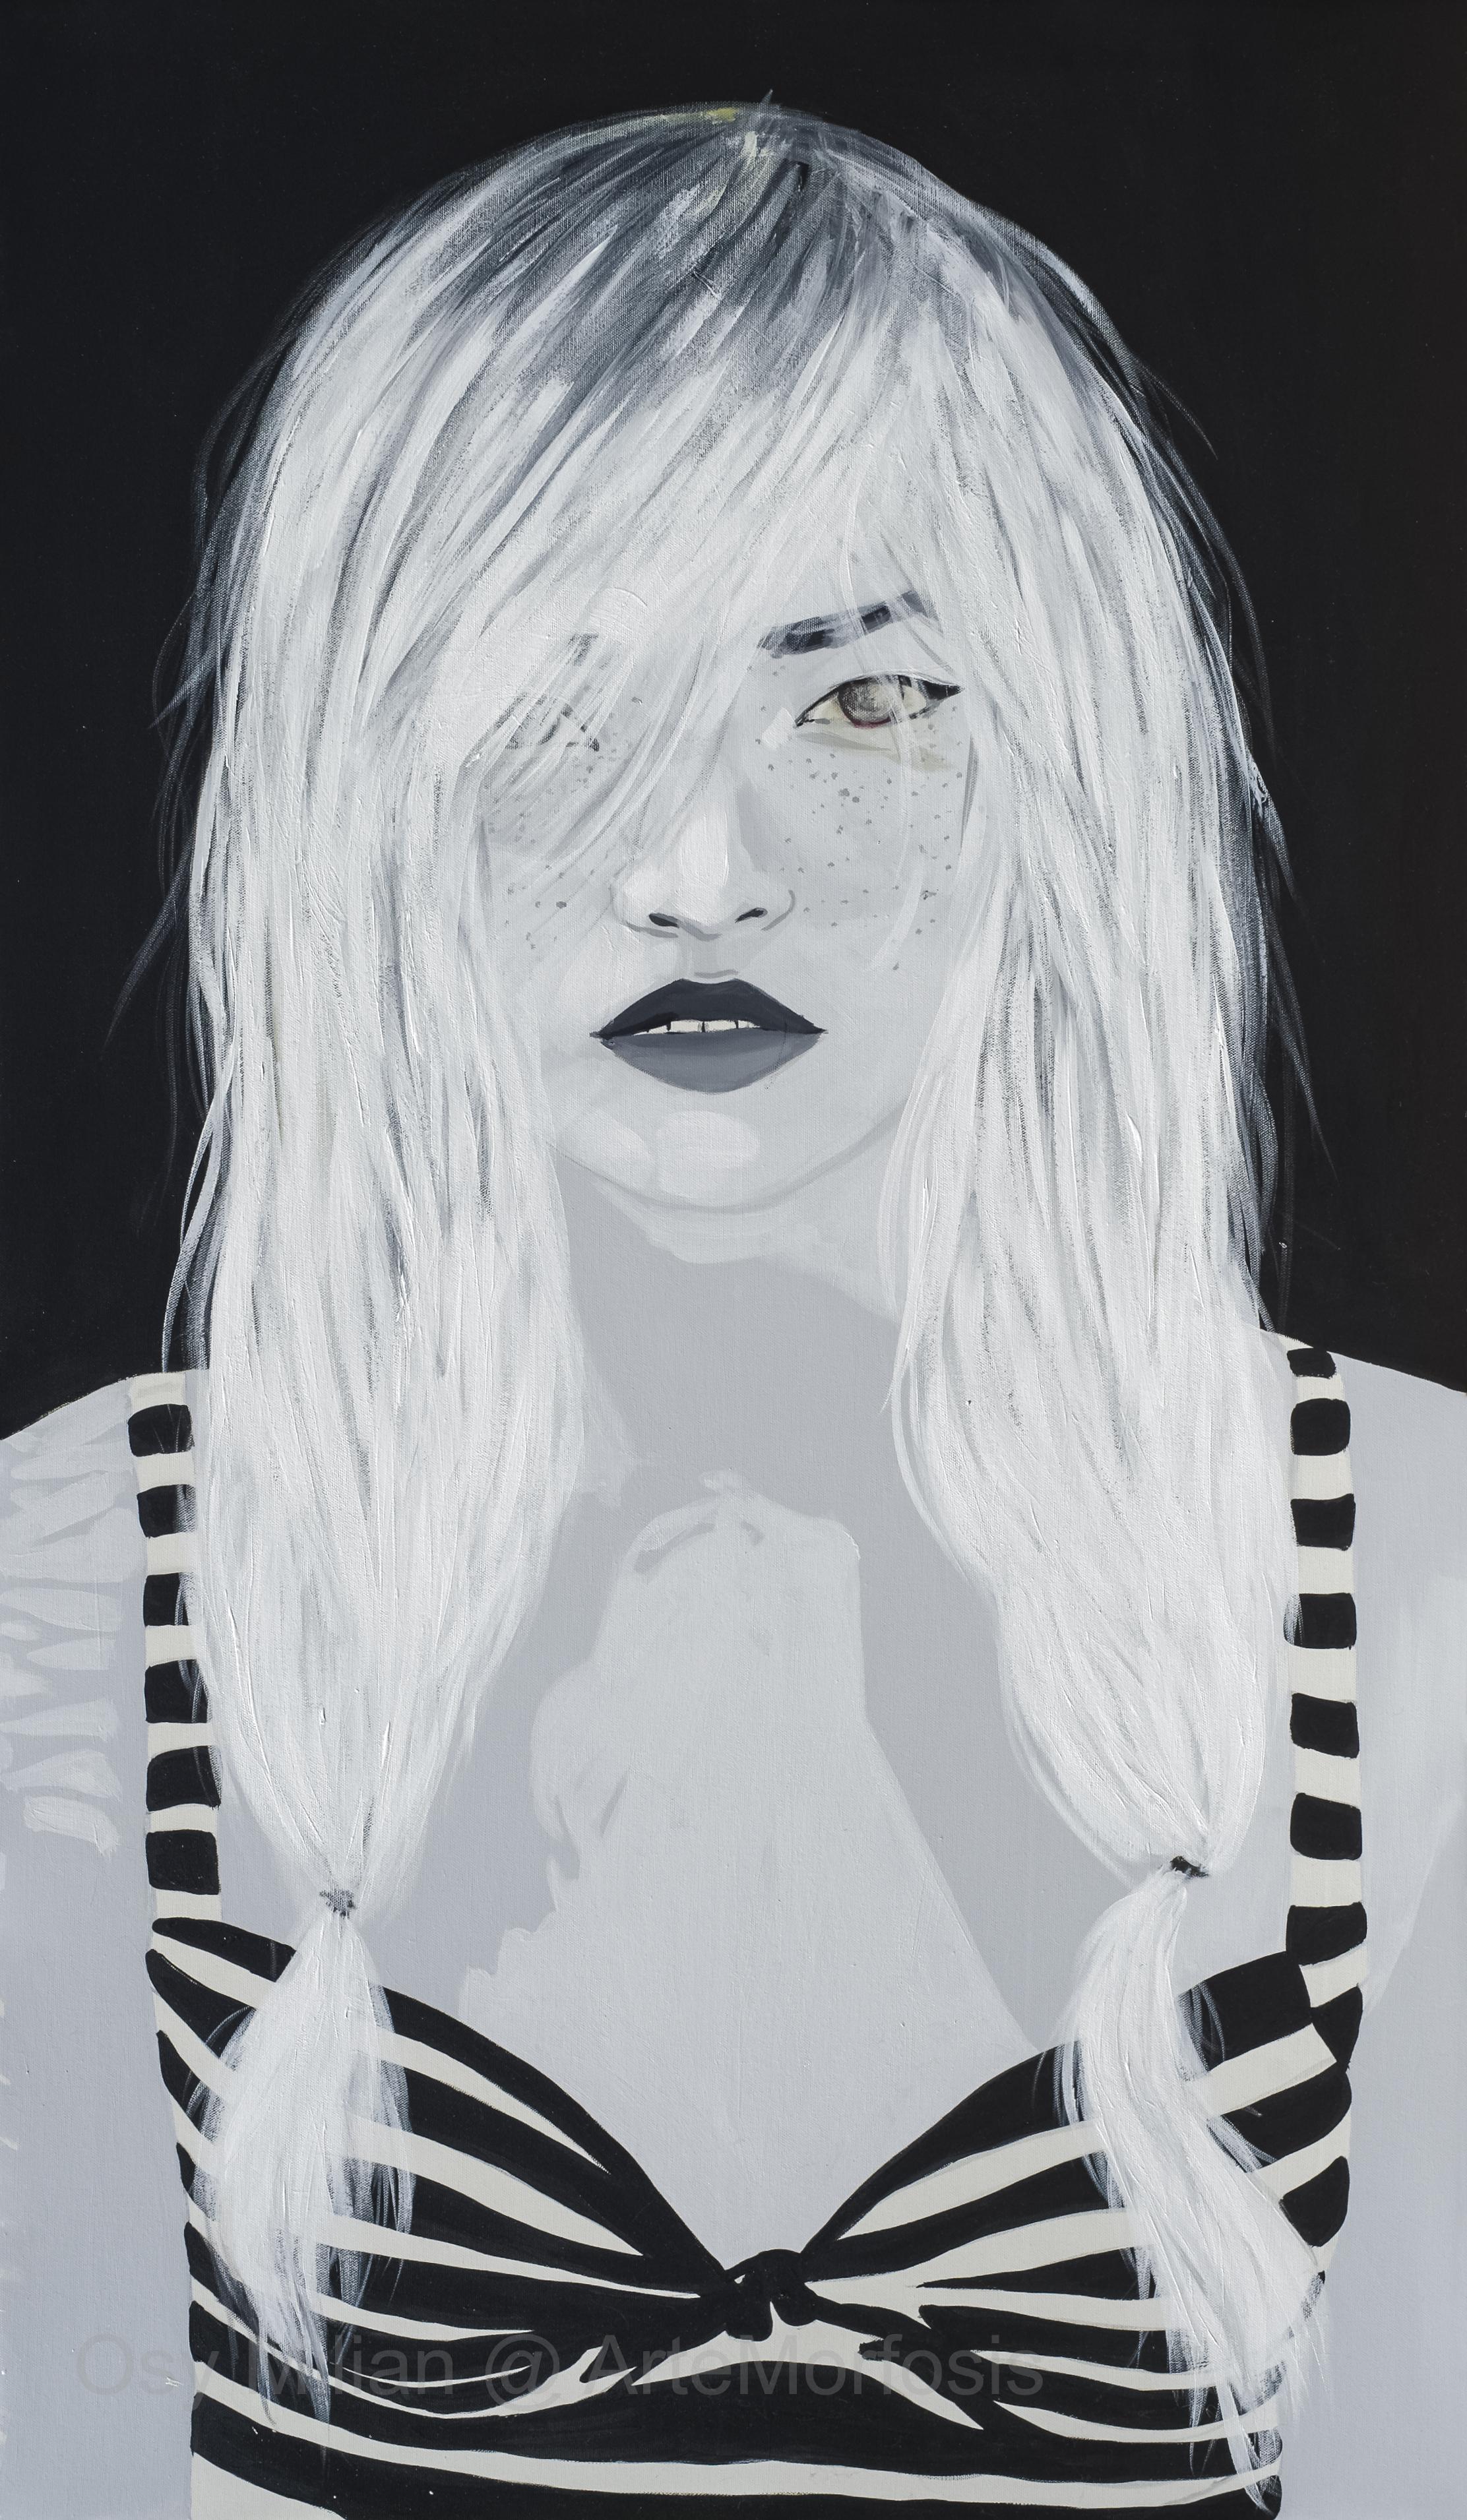 OSY MILIAN - Black, Acrilico/lienzo, 120 x 60 cm, 2017